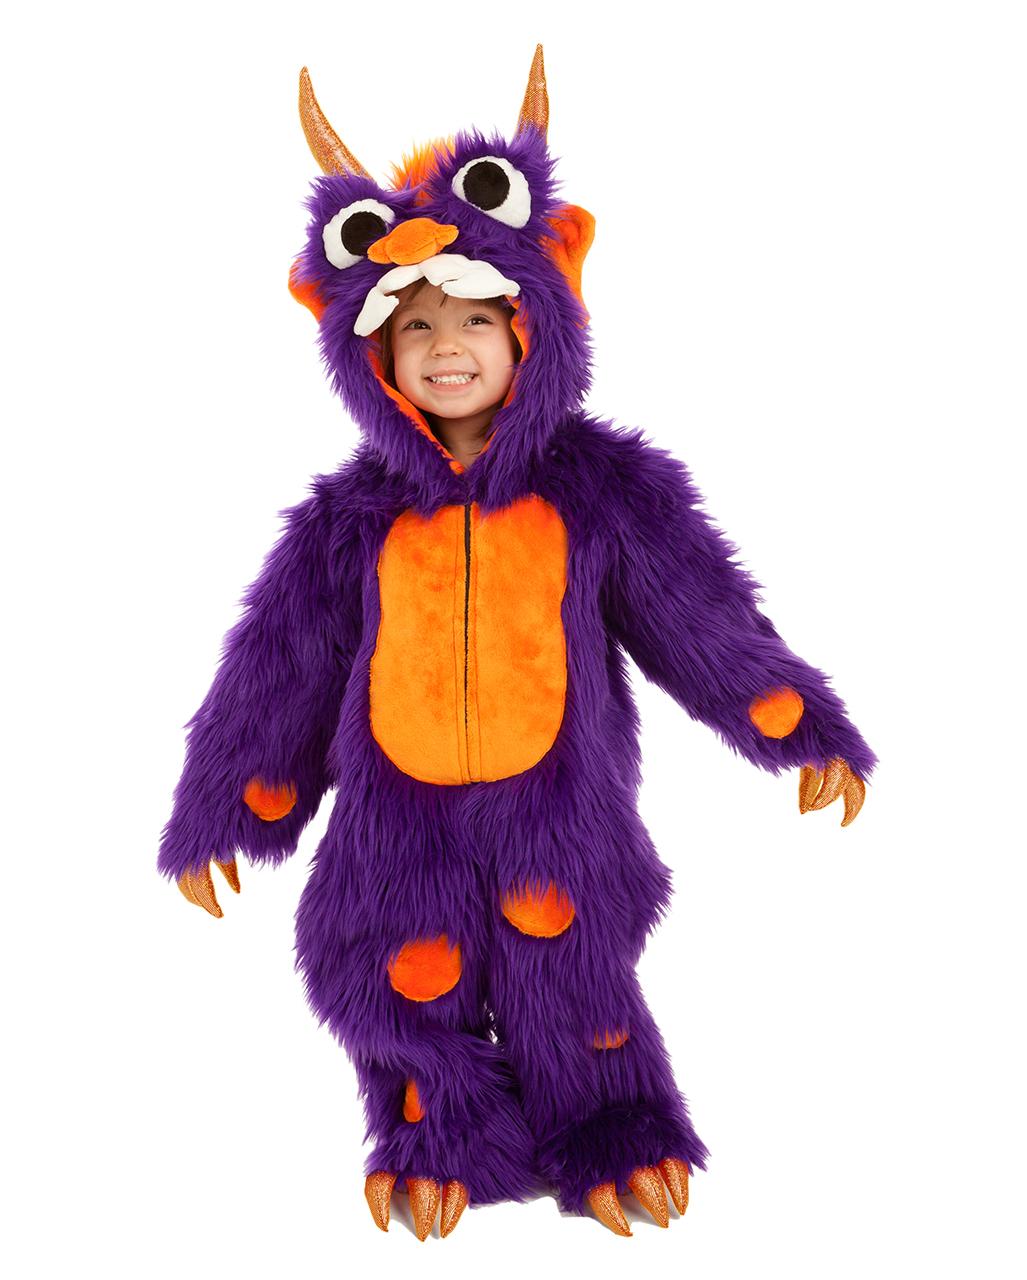 Monster Kostuem Fuer Jungen.Flauschiges Lila Monster Kinder Kostum Kaufen Karneval Universe